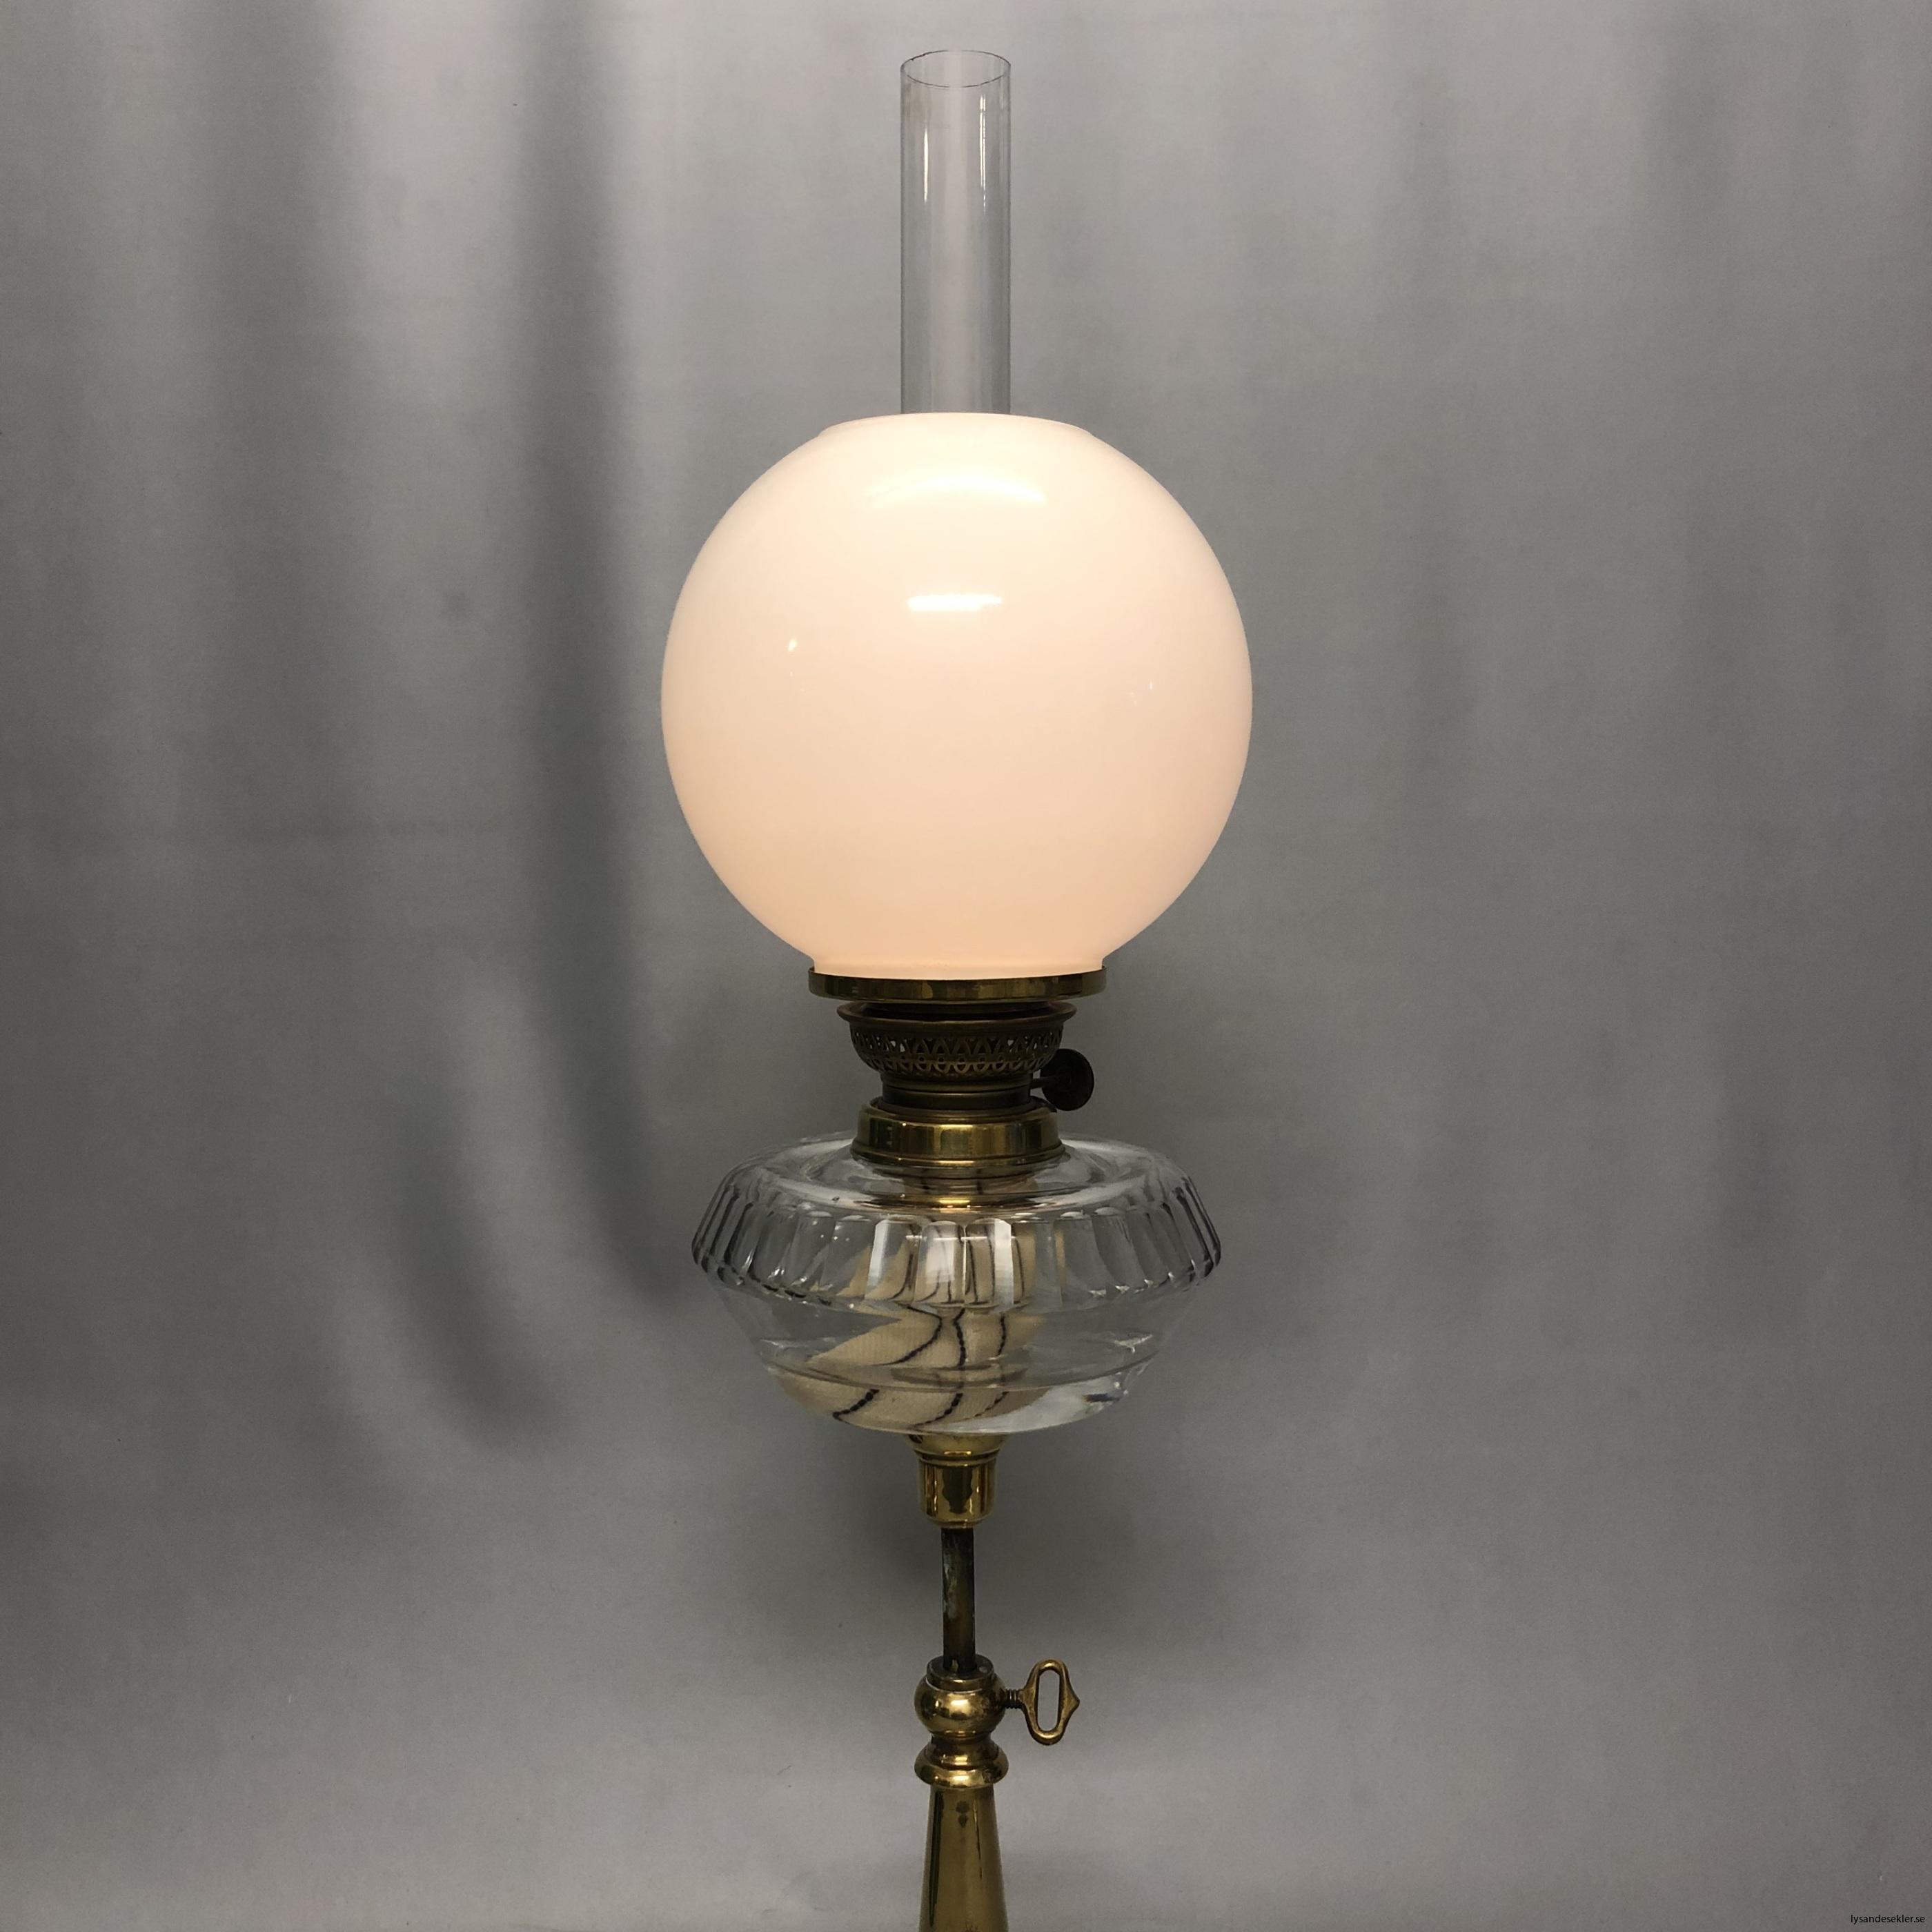 opalvit fotogenlampskupa kupa till fotogenlampa vit opal3